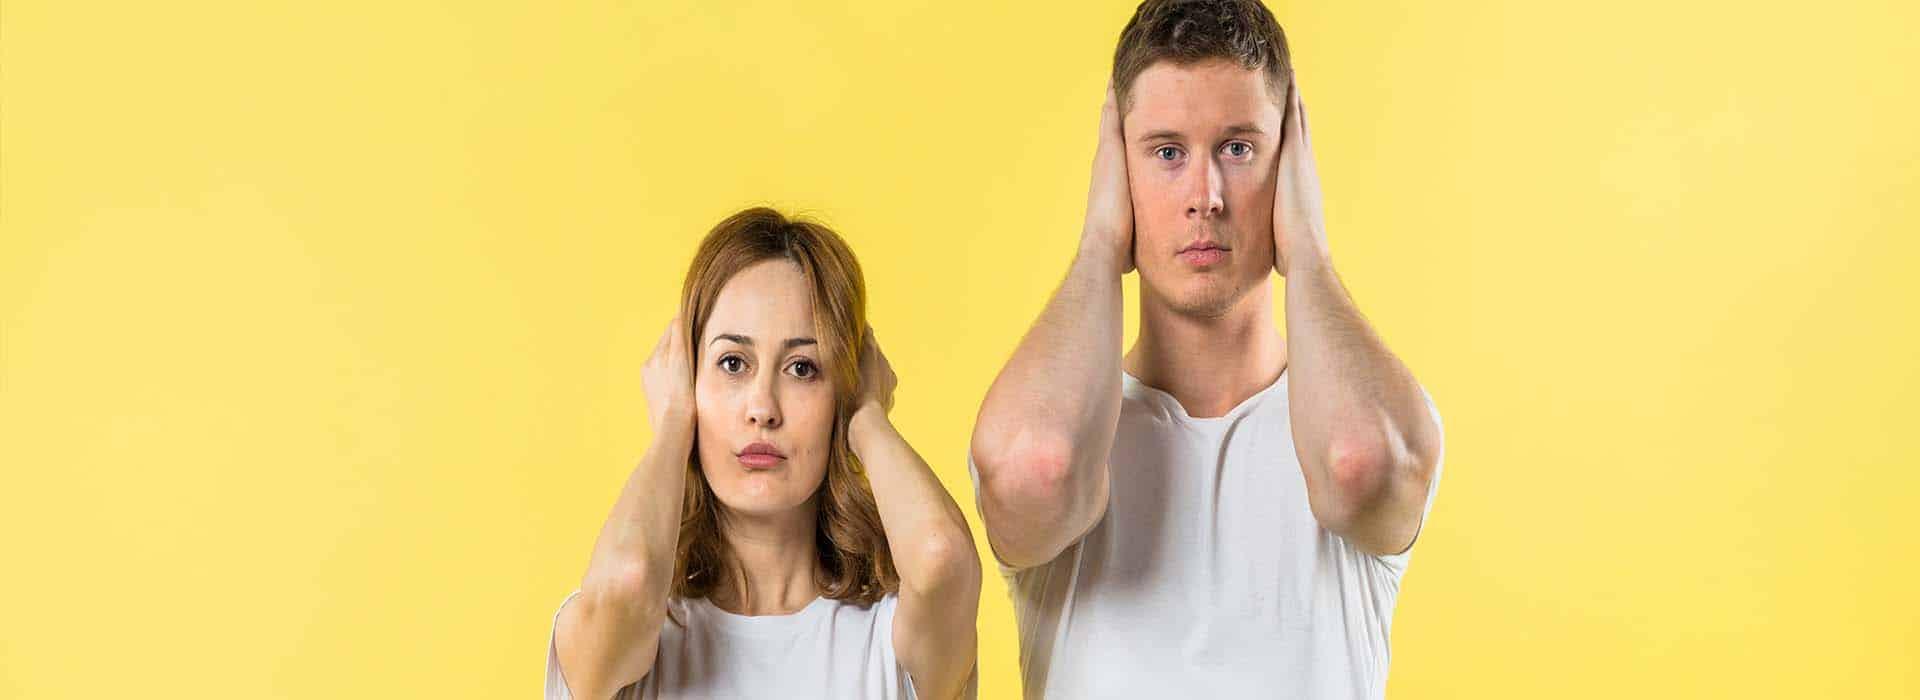 precio operación de orejas u otoplastia